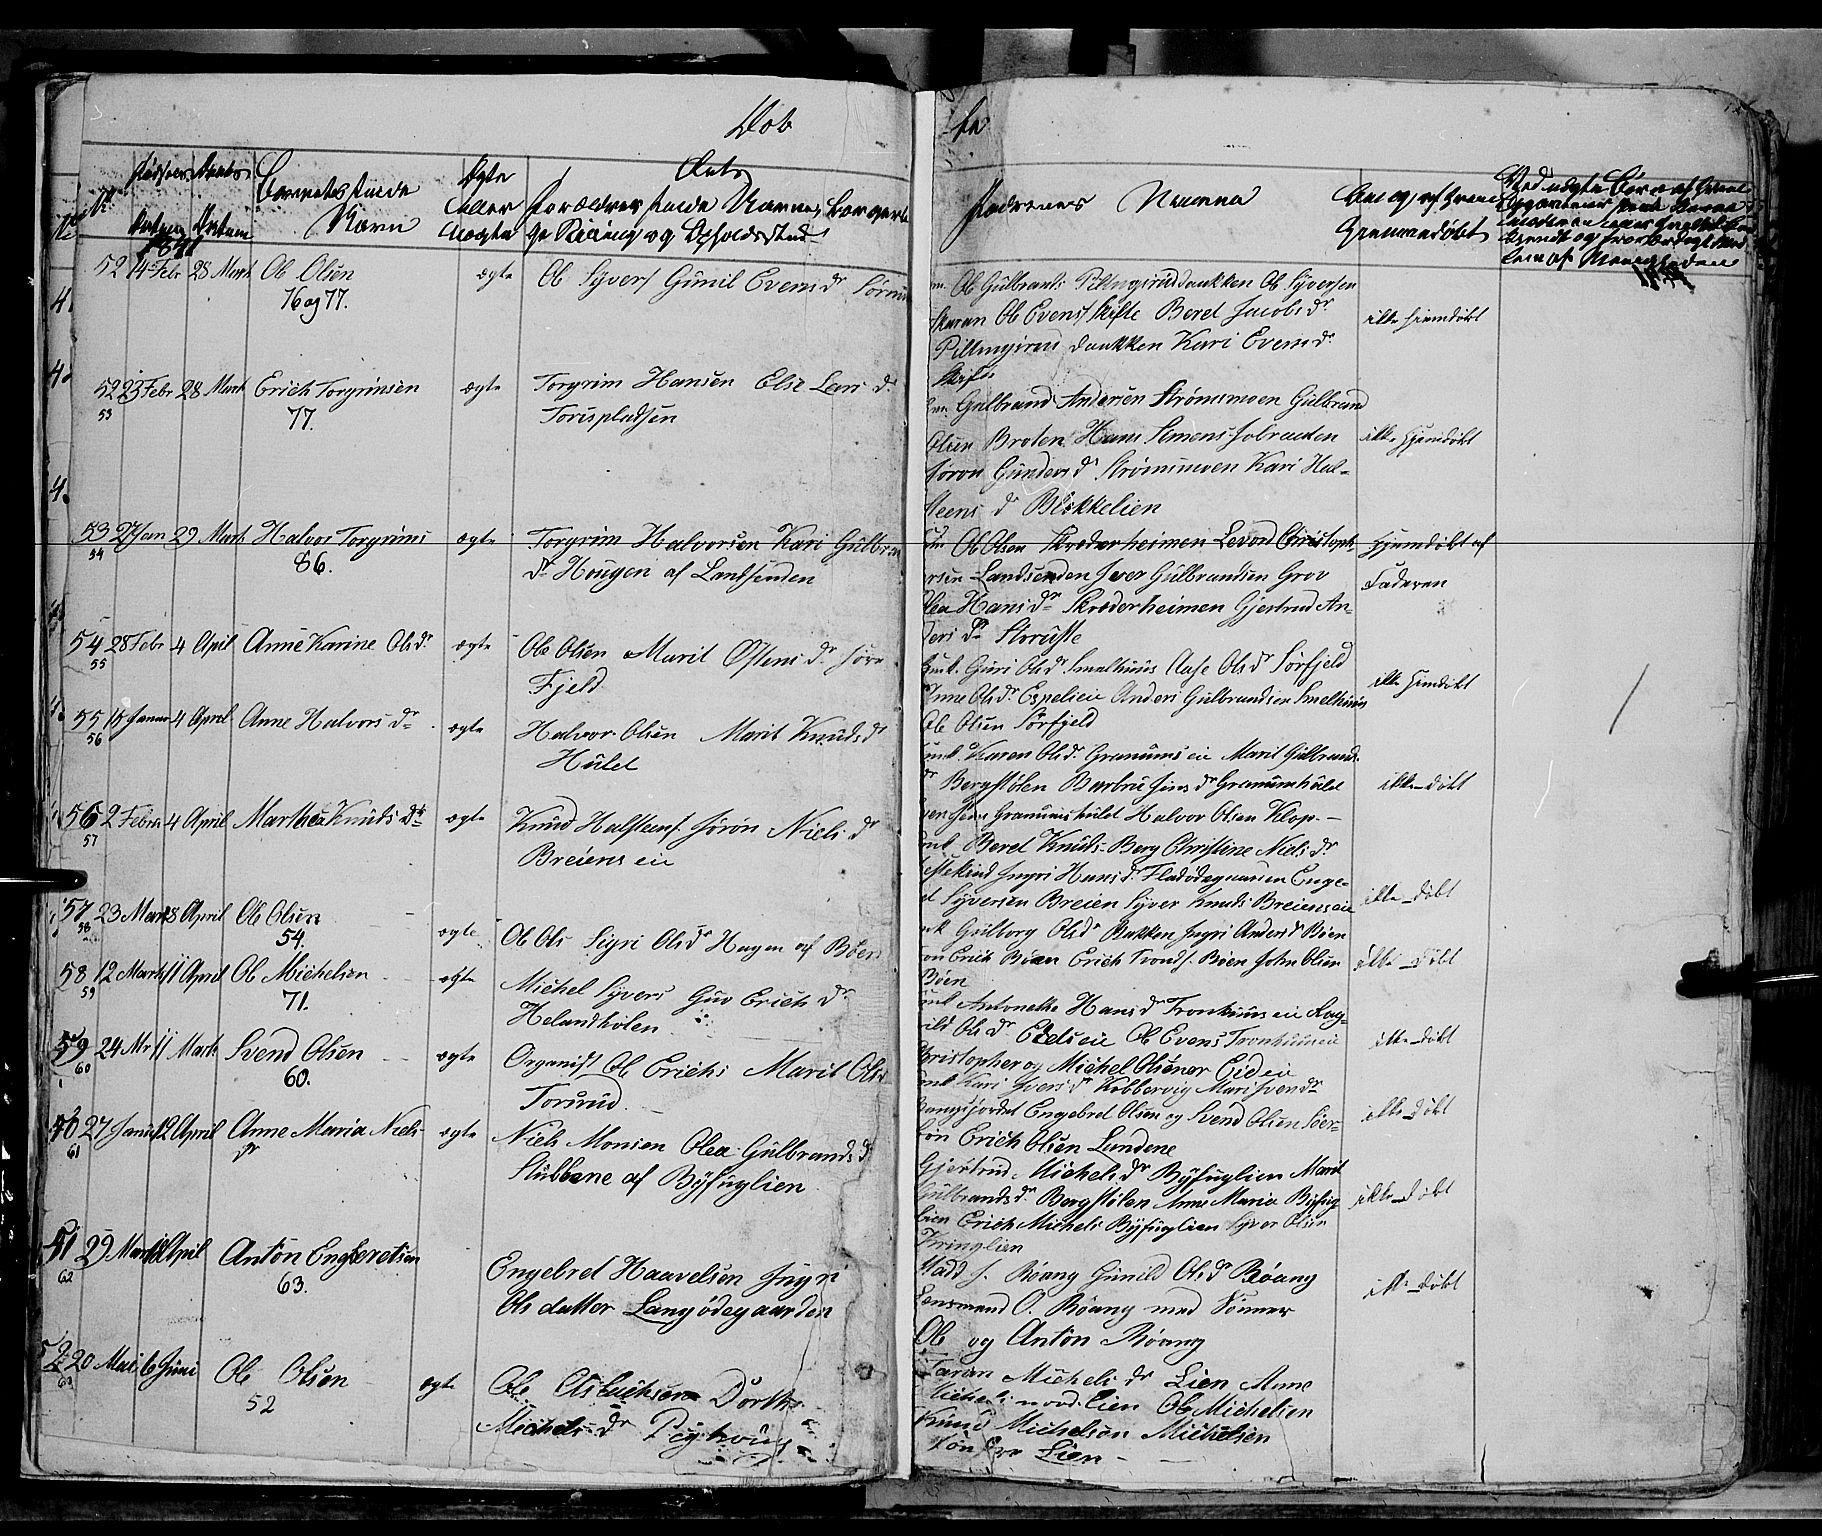 SAH, Sør-Aurdal prestekontor, Ministerialbok nr. 4, 1841-1849, s. 11-12